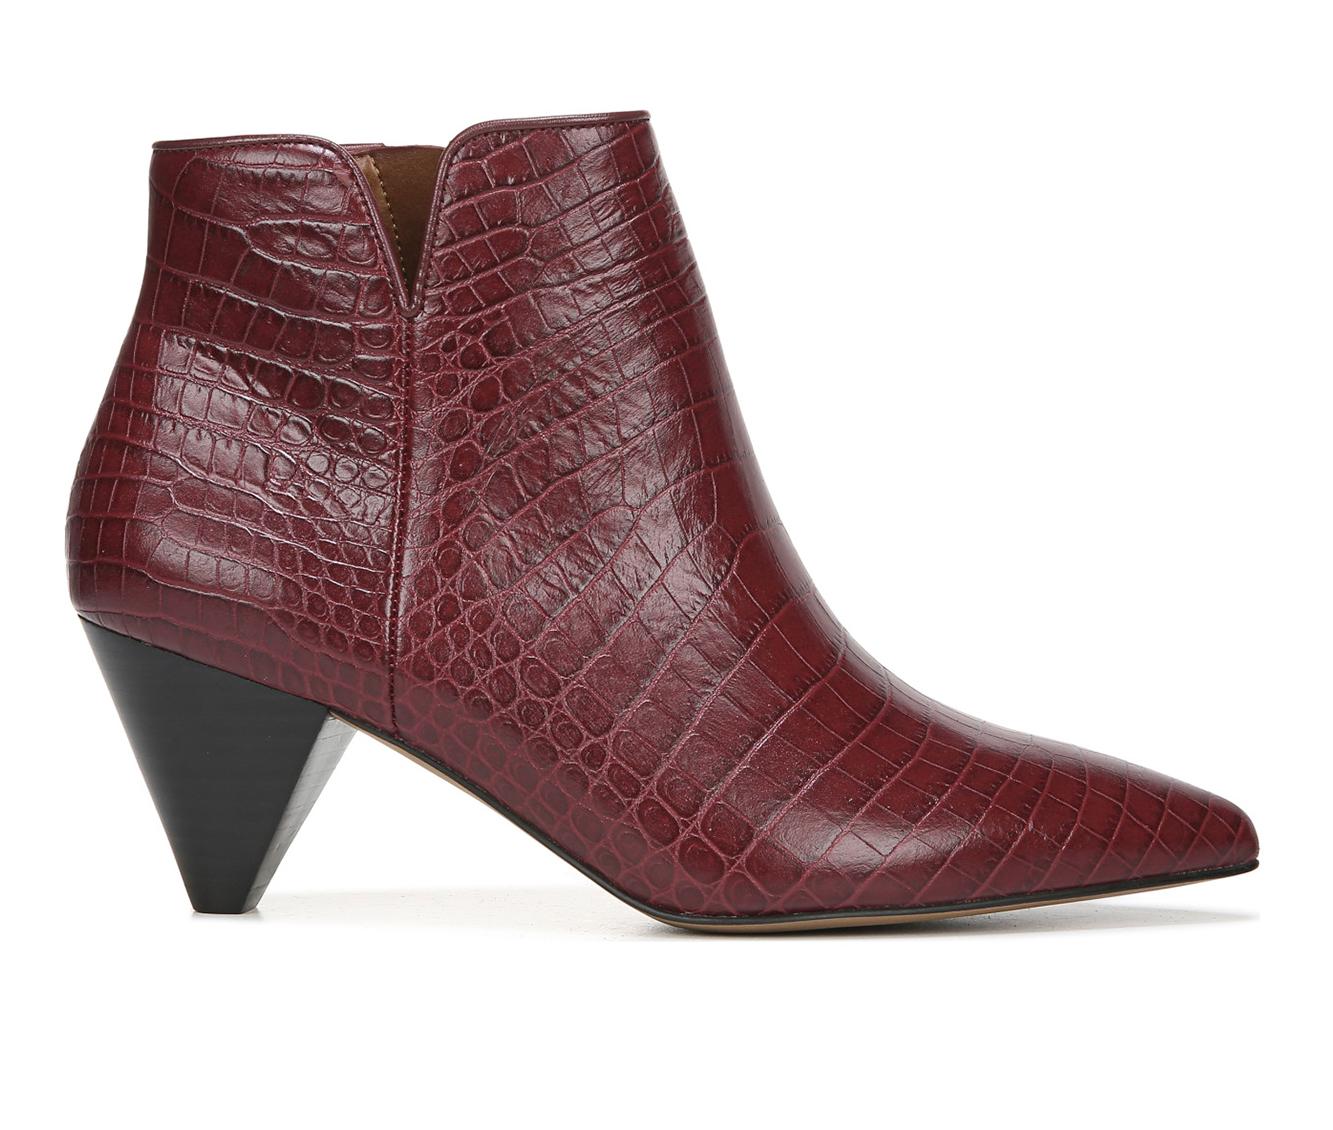 Franco Sarto Dare 2 Women's Boot (Red Leather)